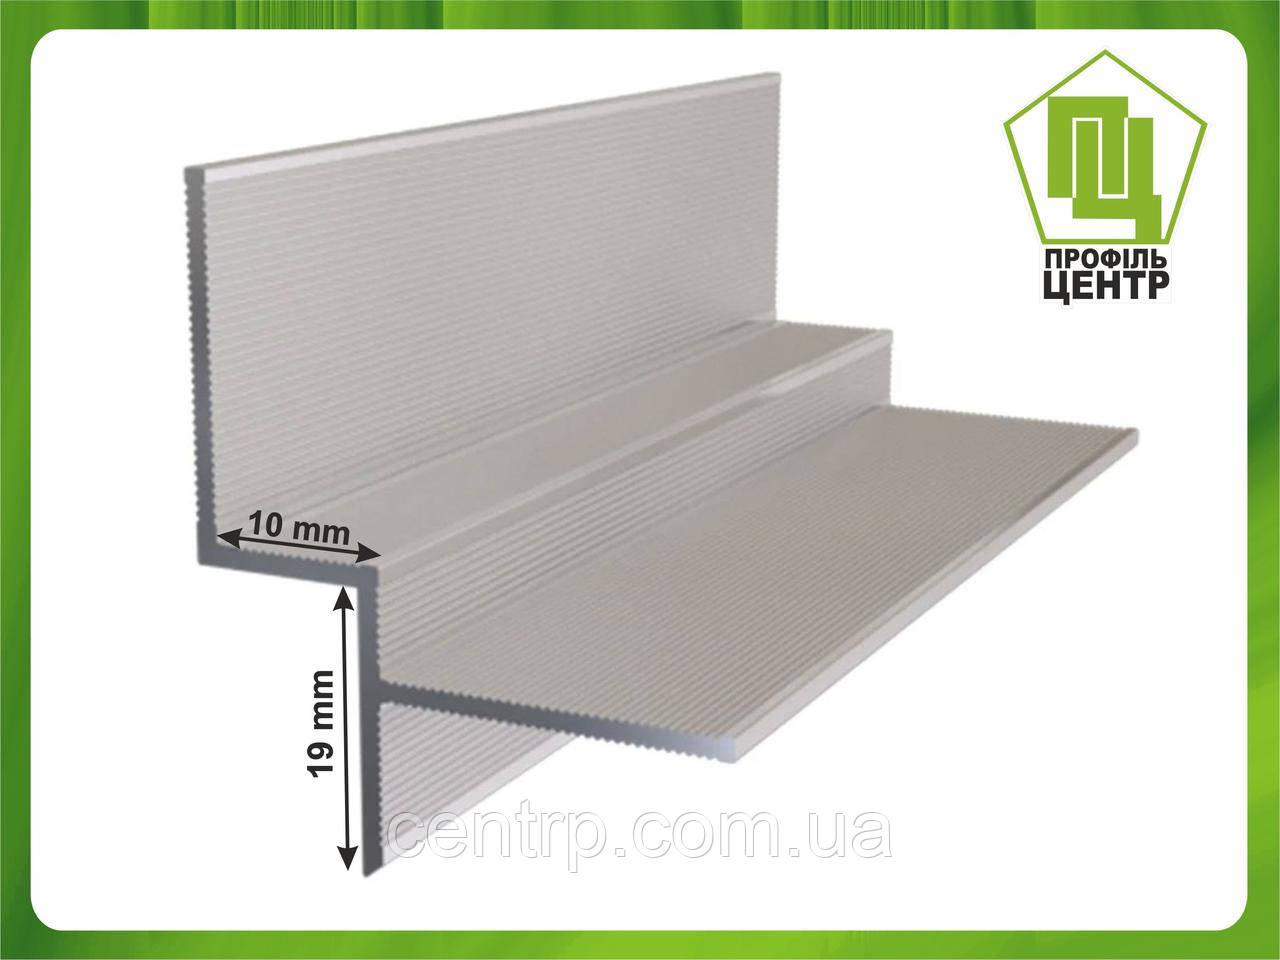 Алюминиевый профиль теневого шва 10 мм.